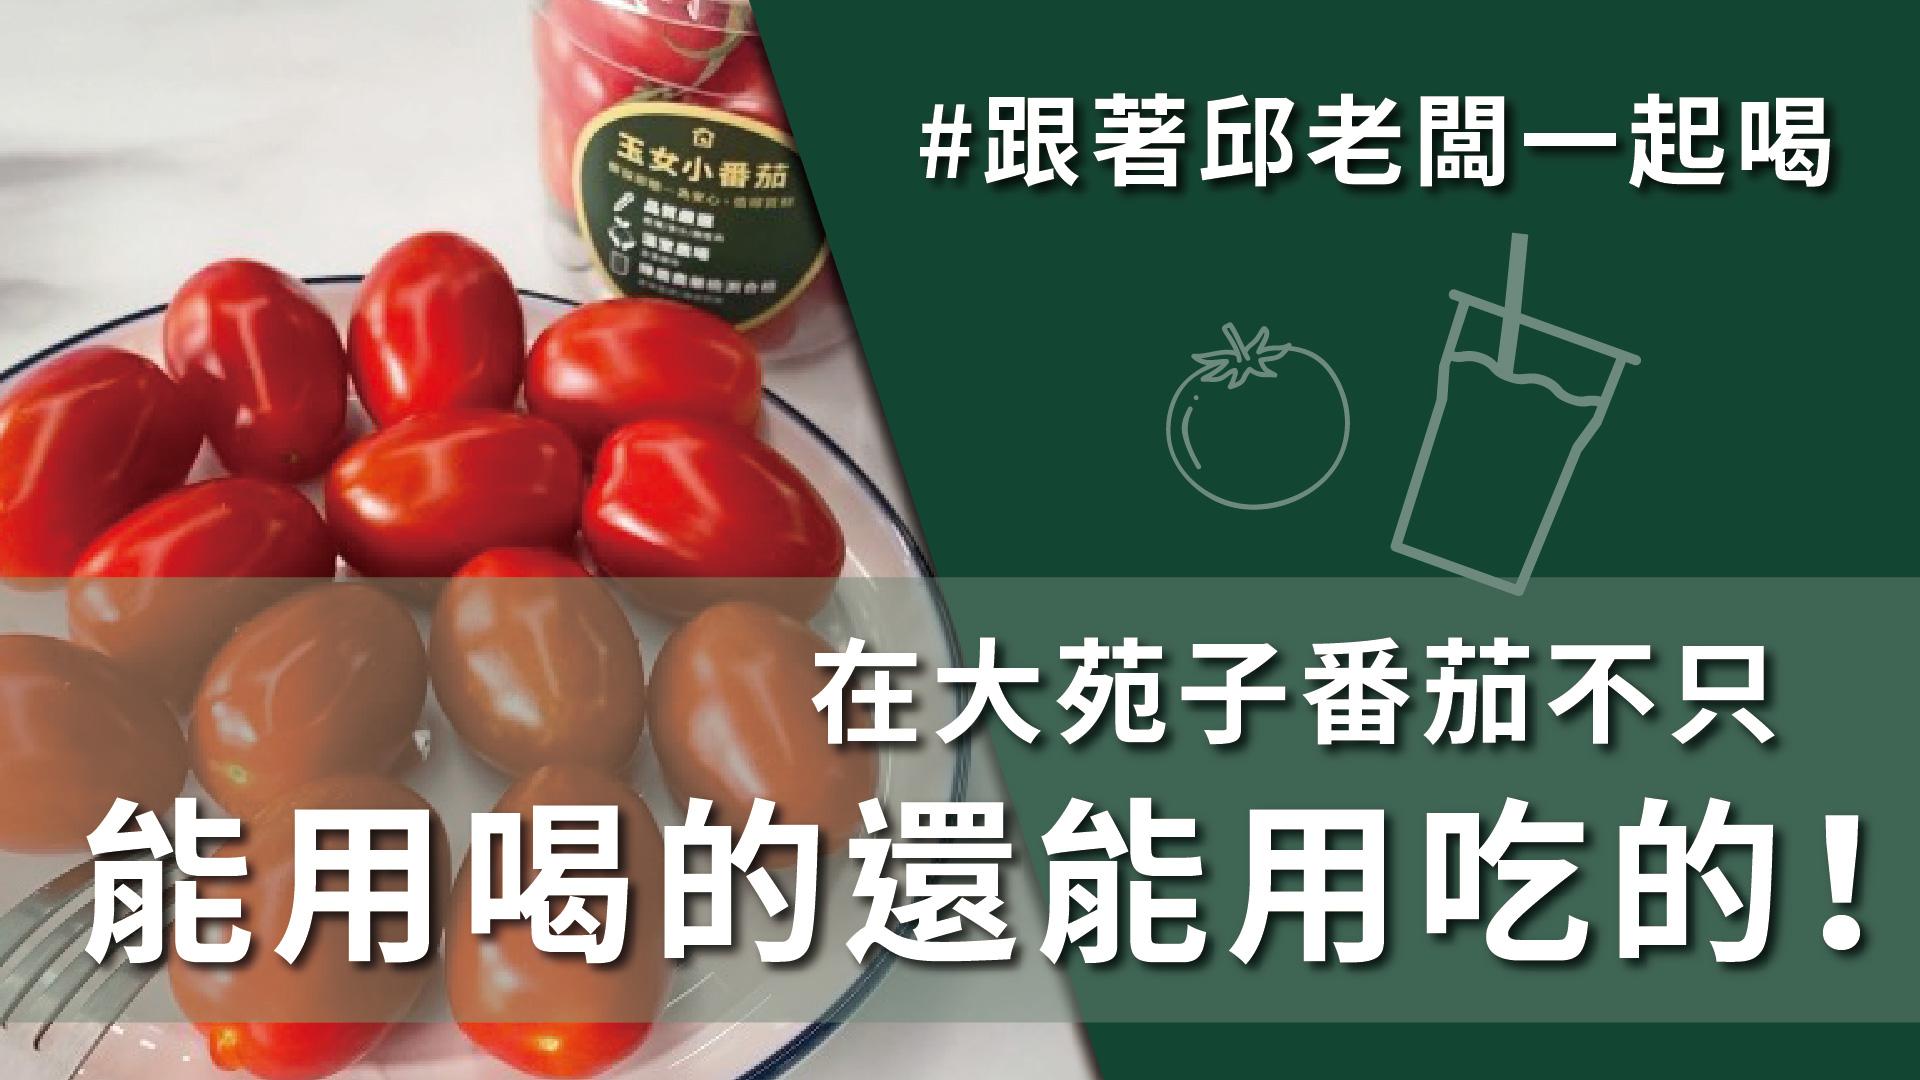 水果飲推薦「番茄梅」,酸甜美味好喝到停不下來,只在大苑子喝的到 ! #3月3日 #DAY171